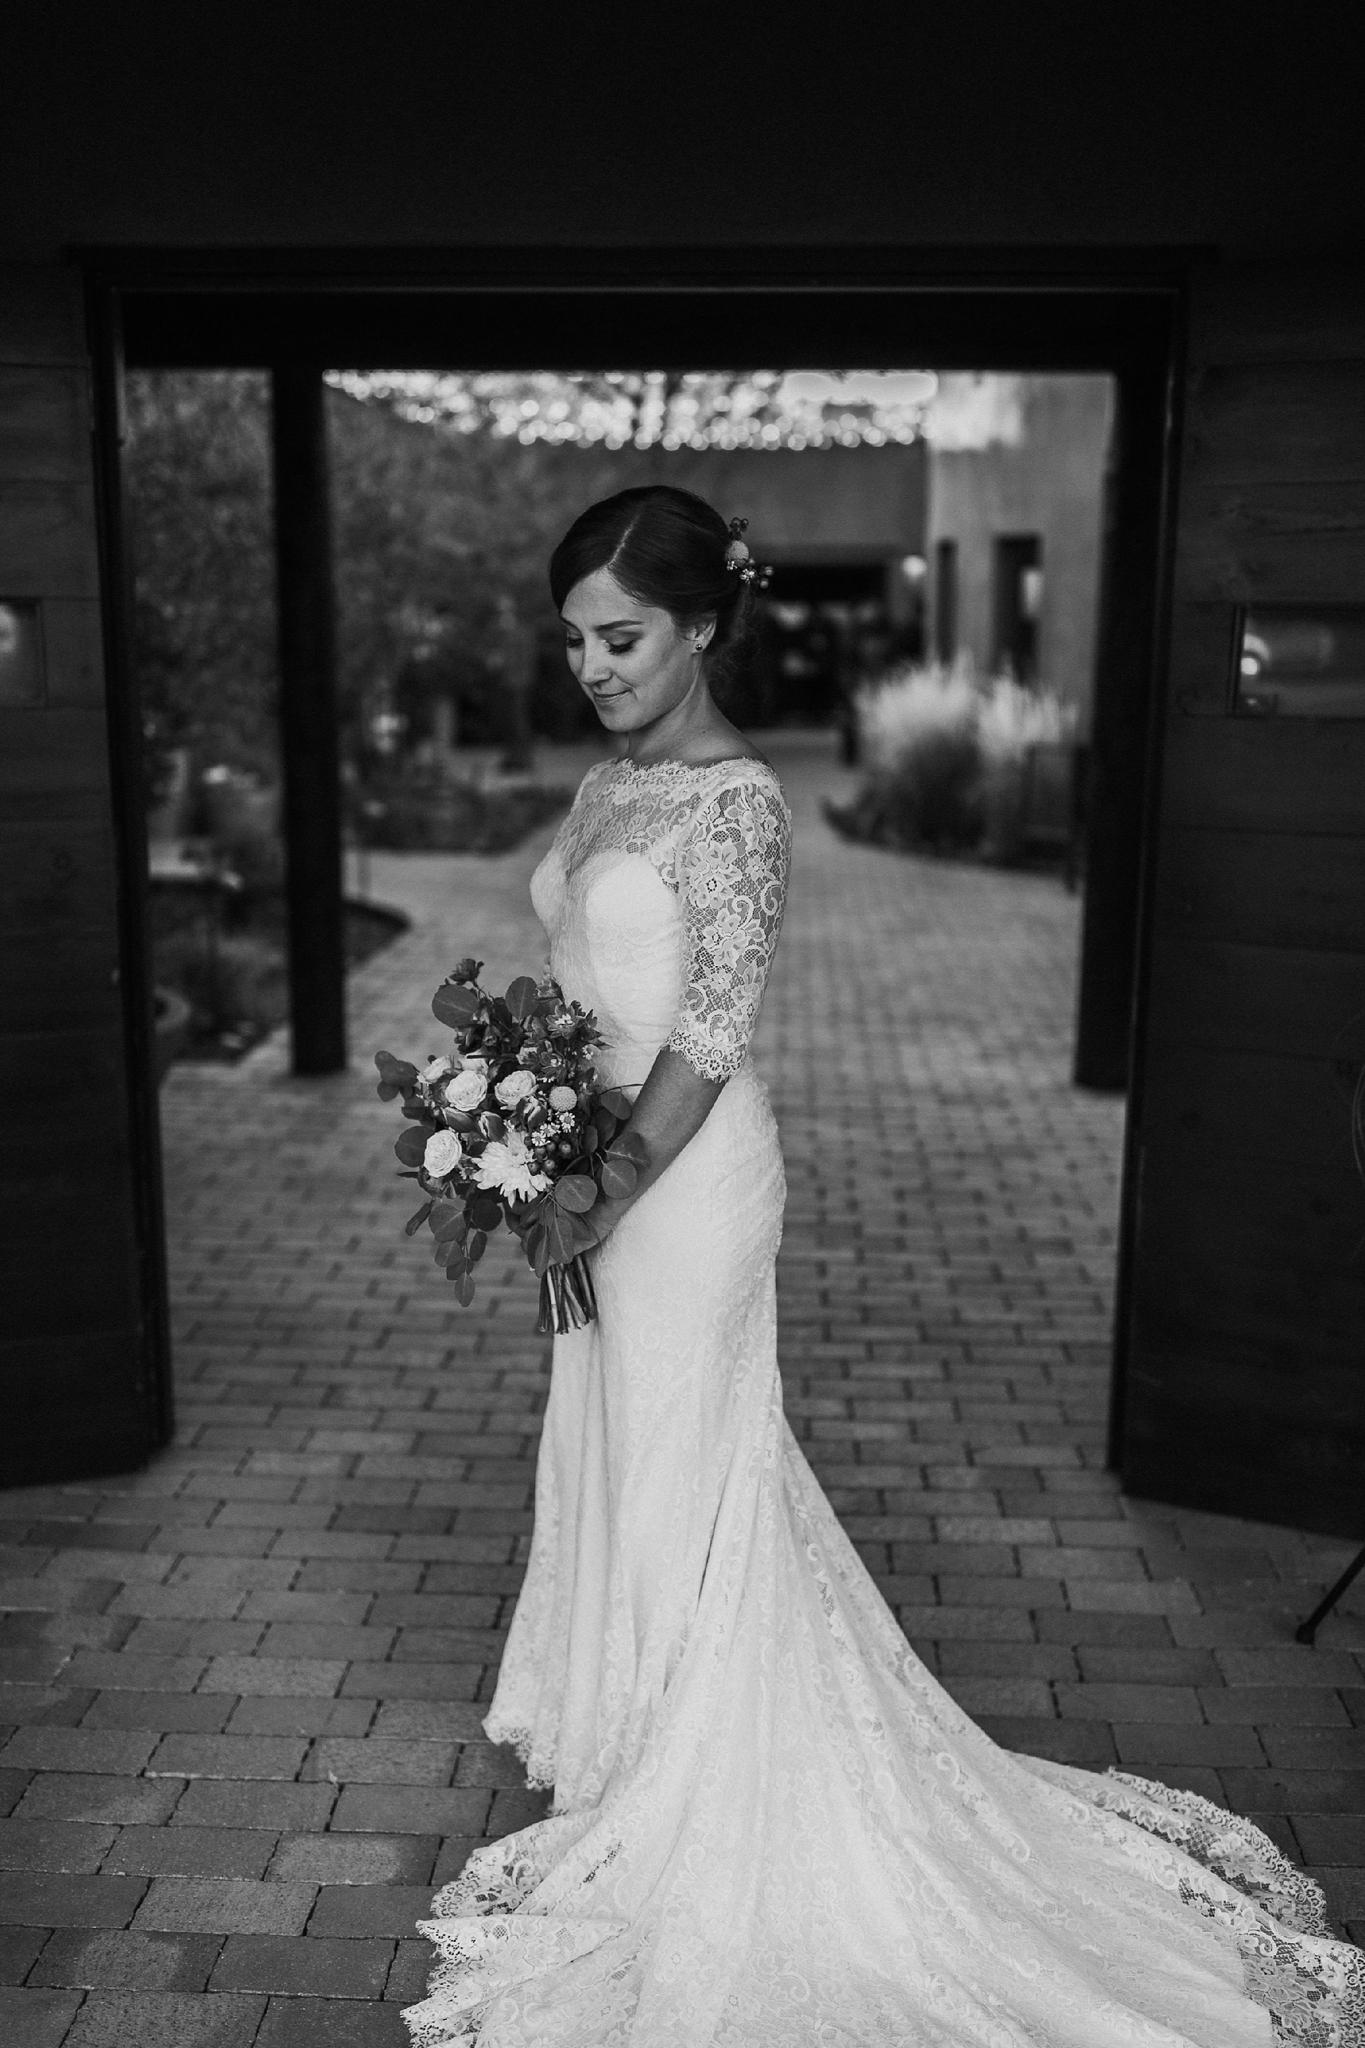 Alicia+lucia+photography+-+albuquerque+wedding+photographer+-+santa+fe+wedding+photography+-+new+mexico+wedding+photographer+-+new+mexico+wedding+-+new+mexico+wedding+-+albuquerque+wedding+-+casa+perea+wedding+-+summer+wedding_0037.jpg